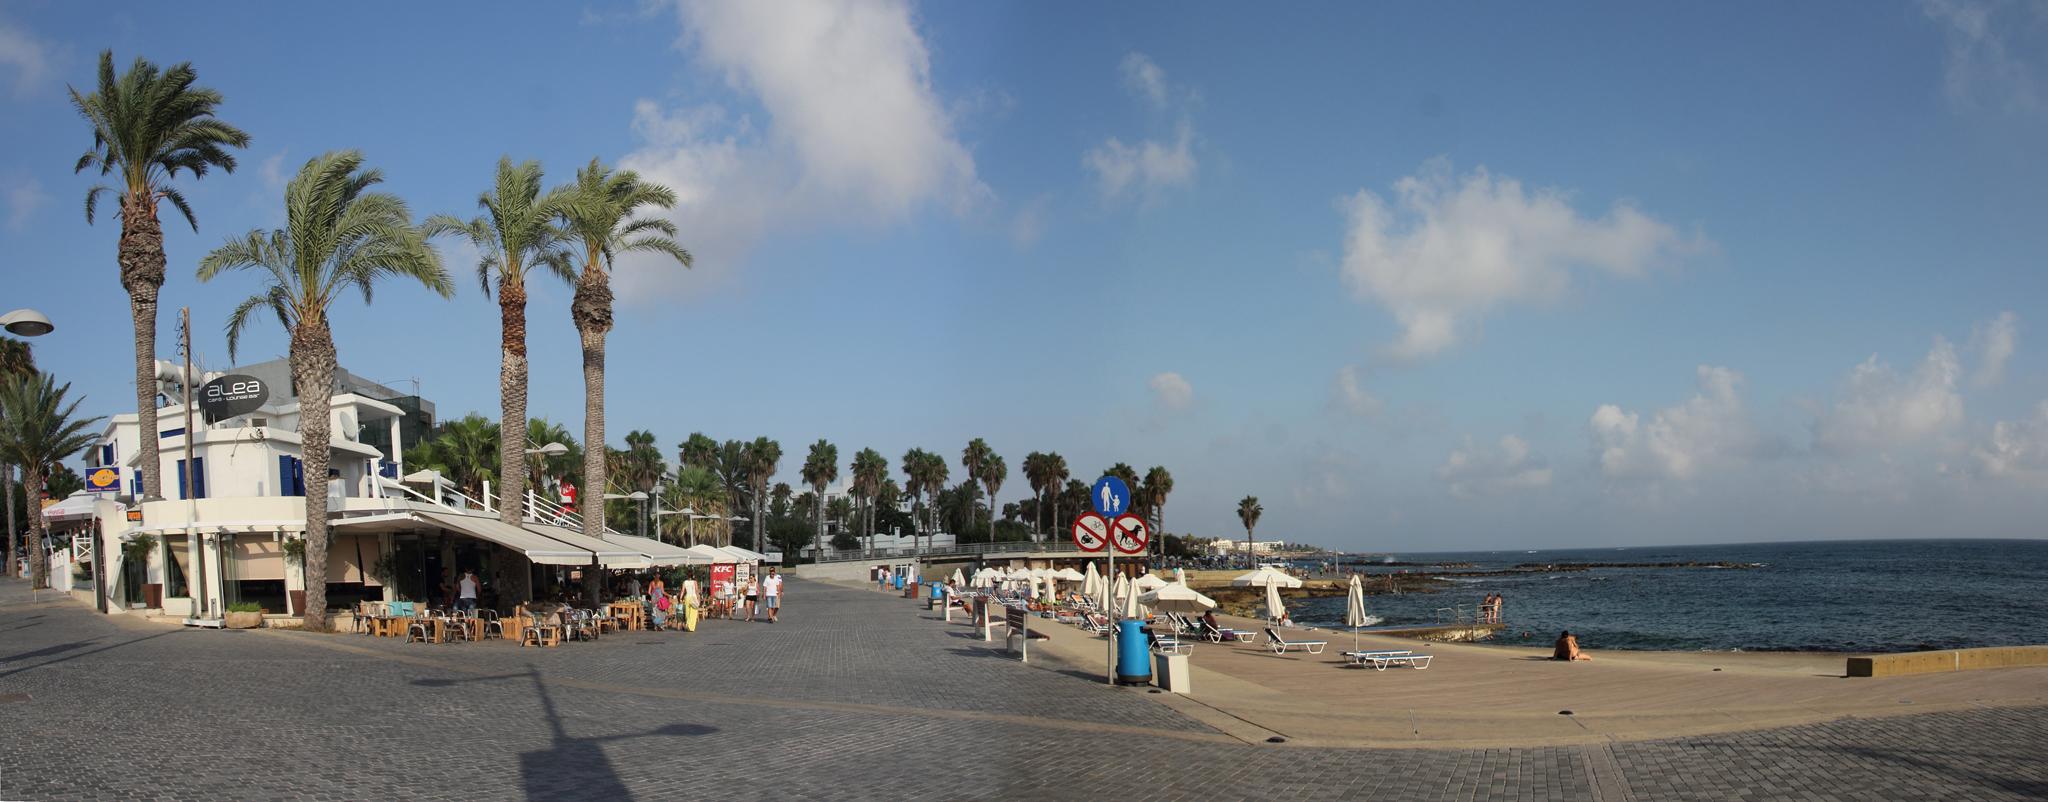 Пляжный сезон на Кипре